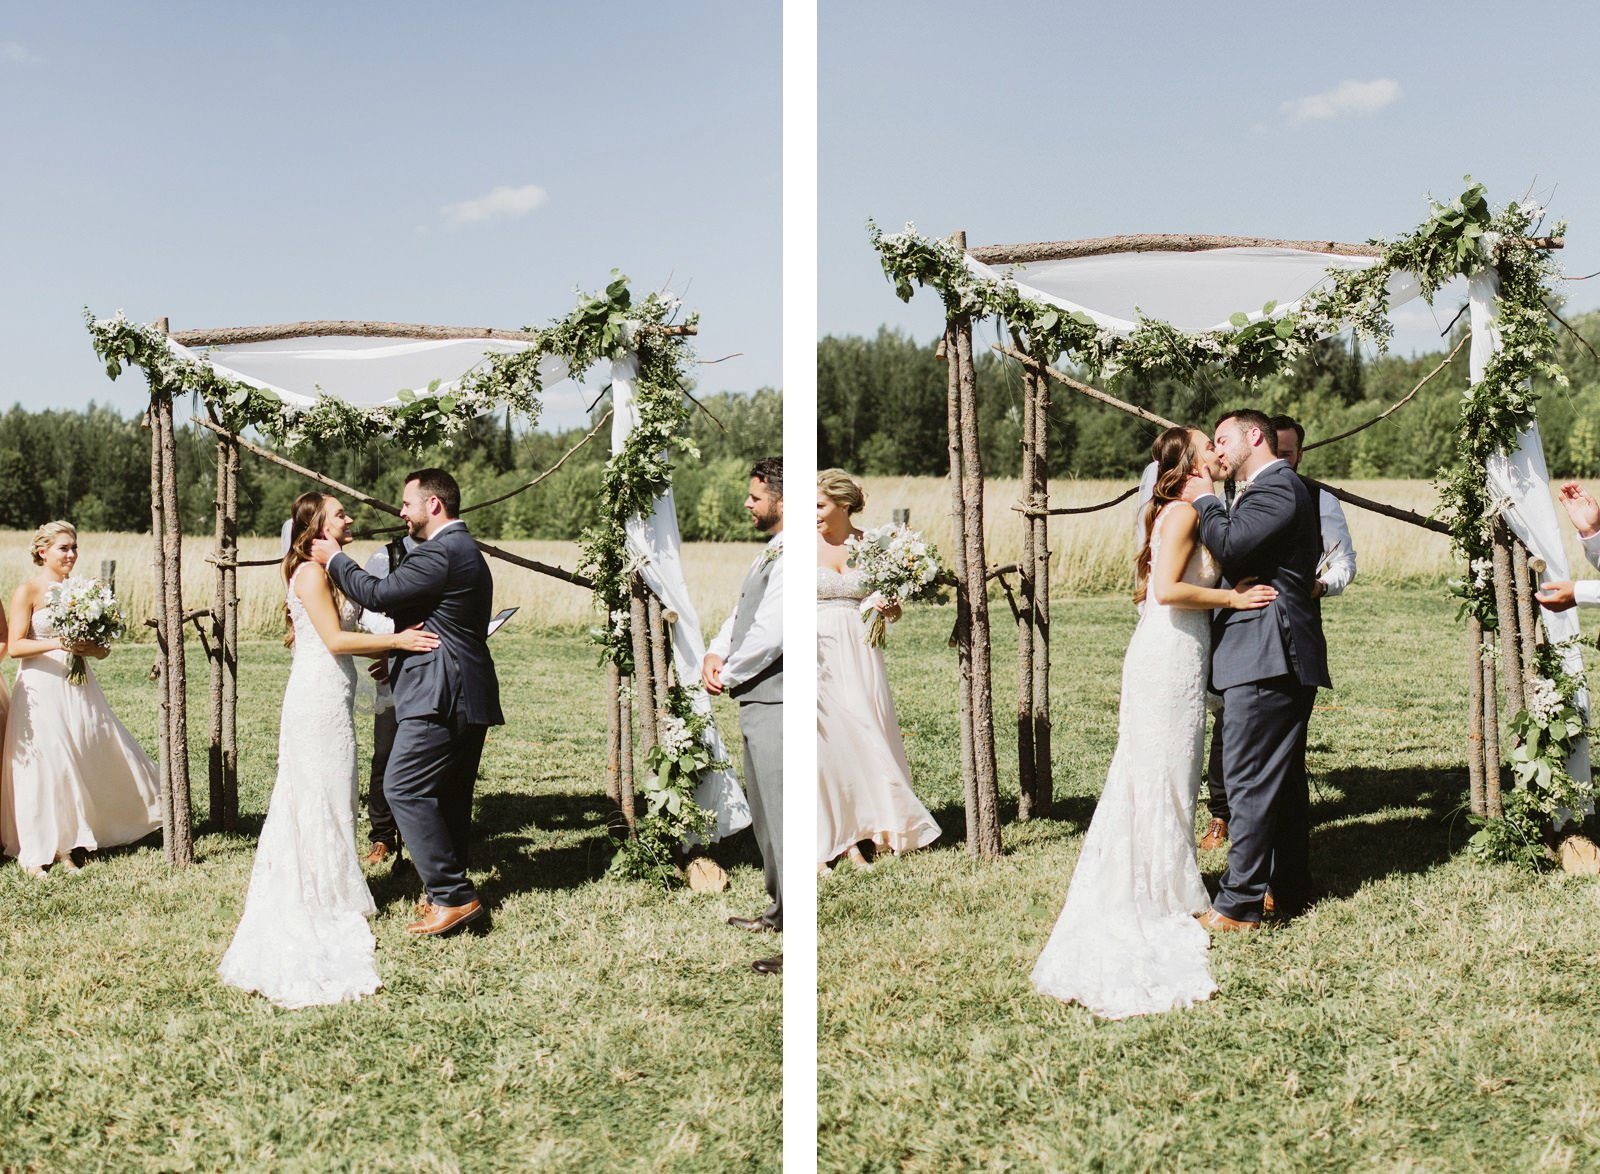 drewtiawna-blog-26 YELLOW BARN WEDDING